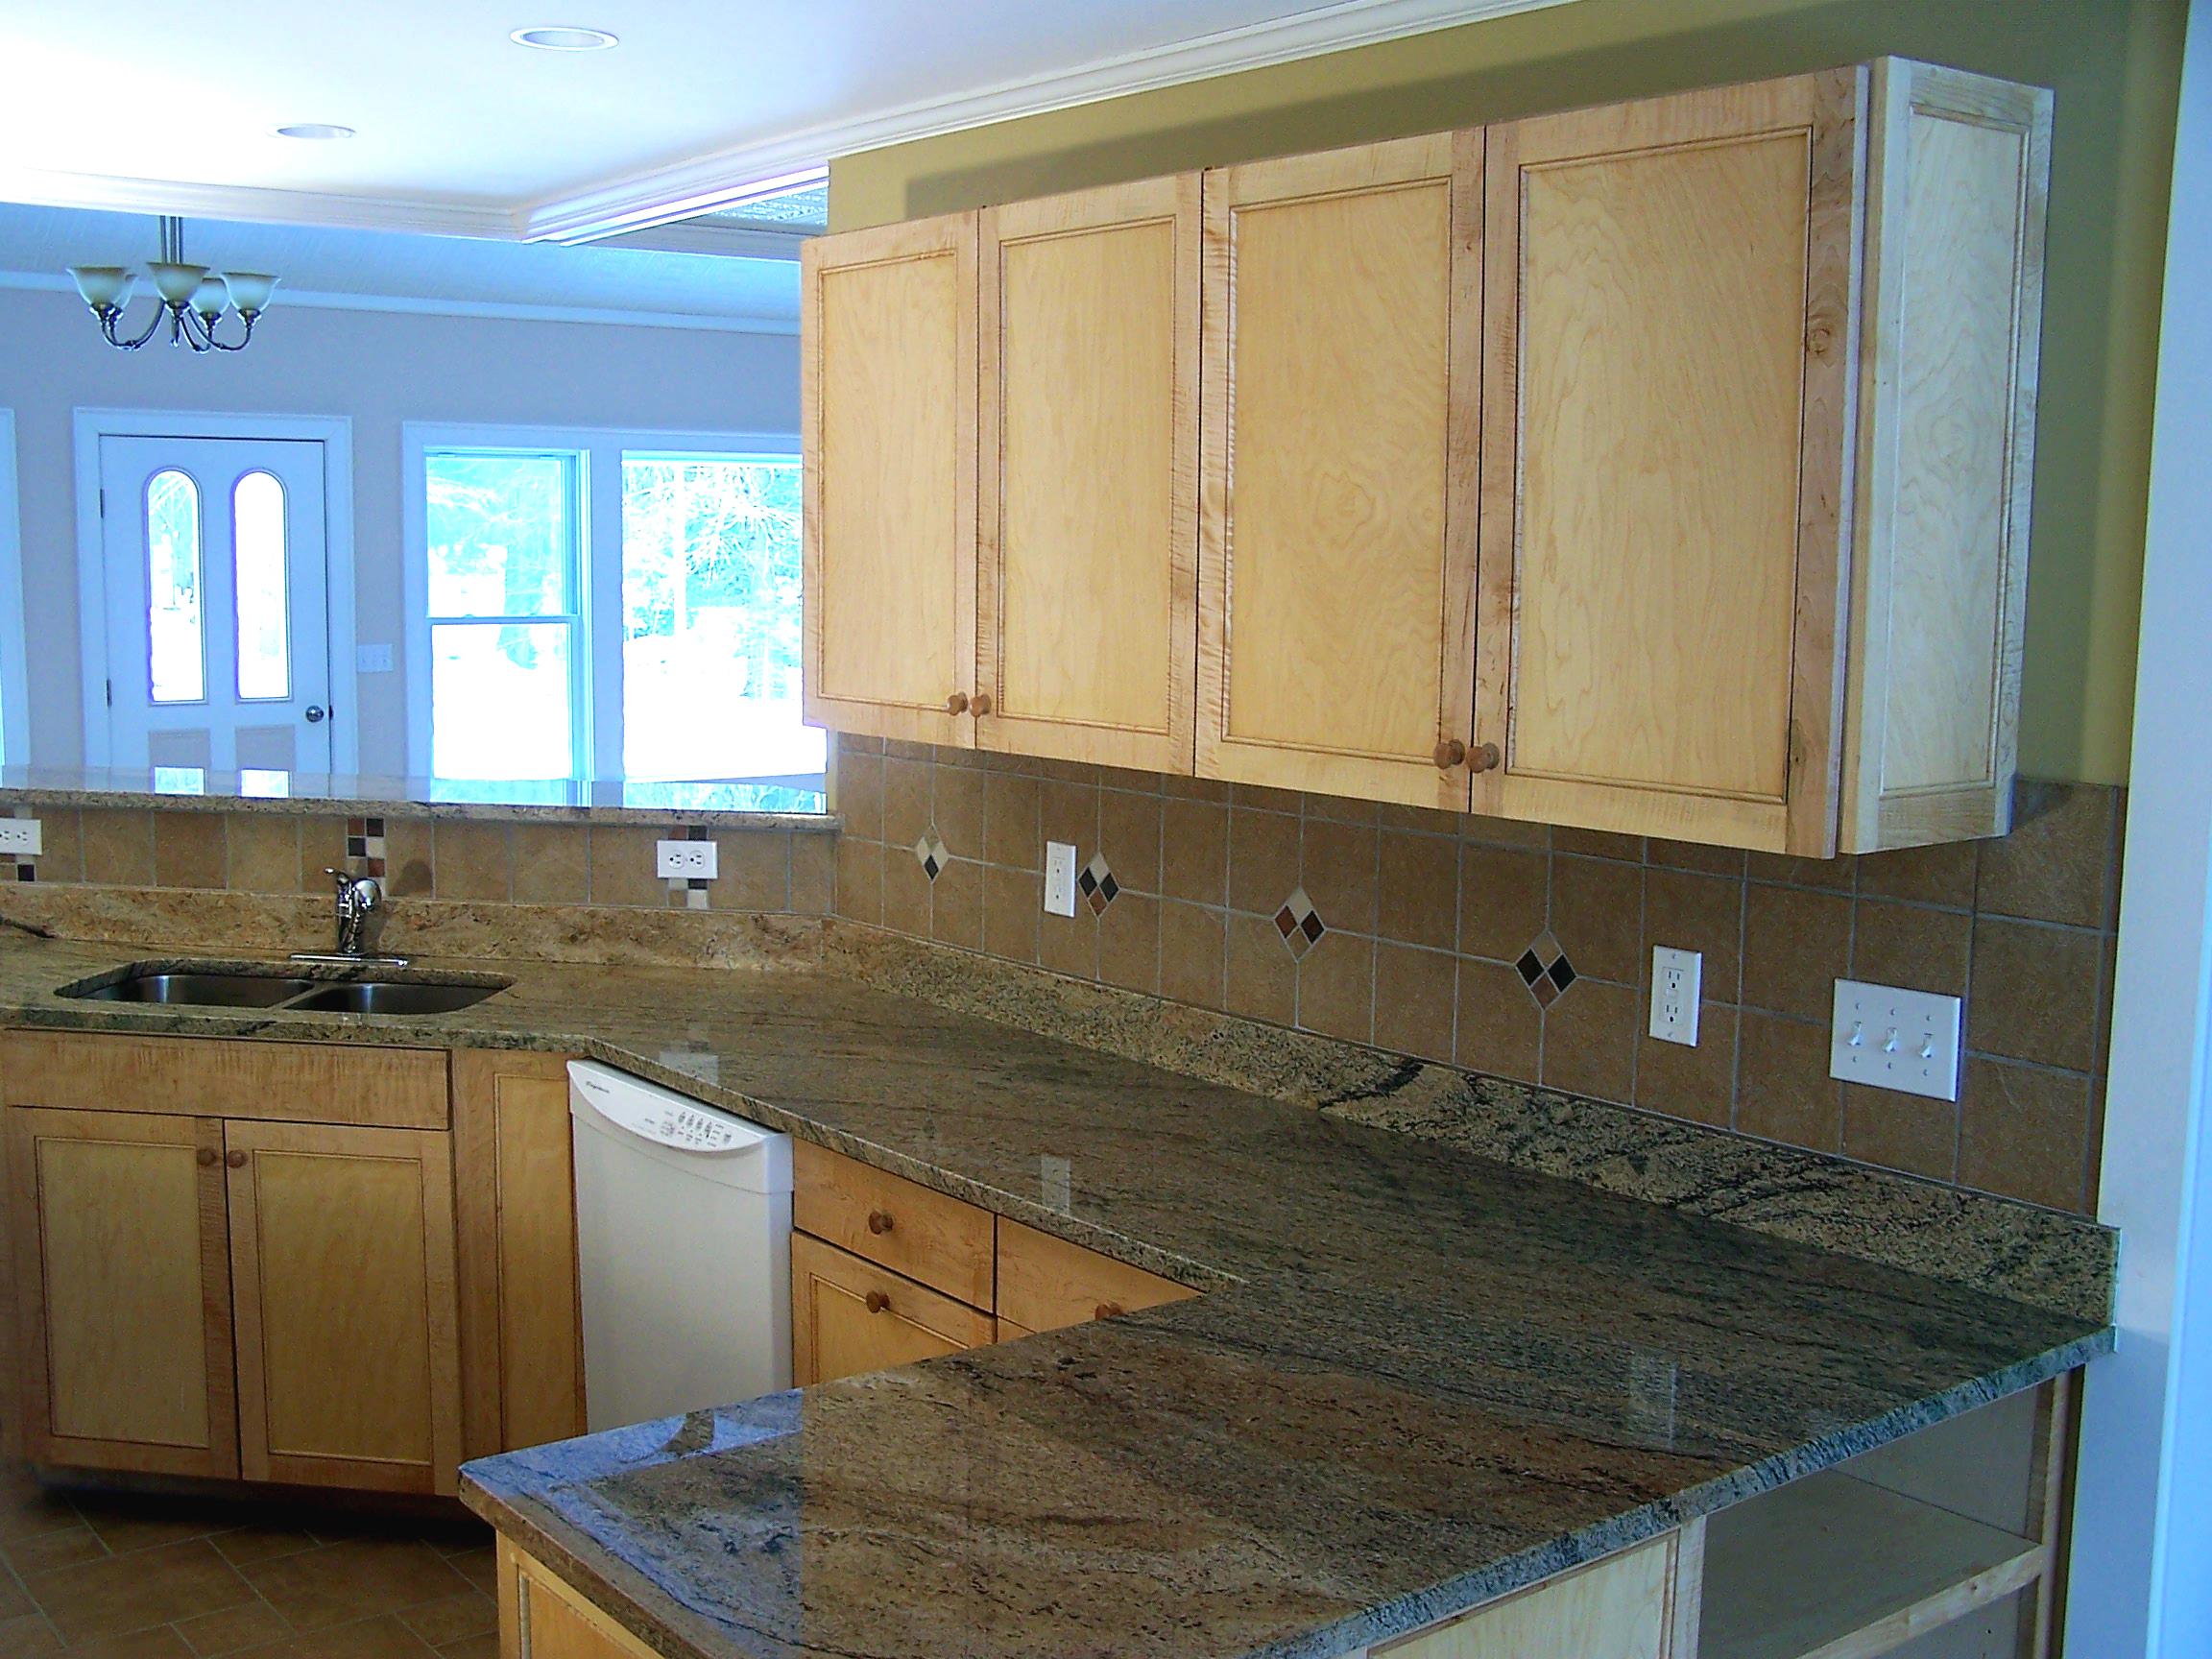 steele_kitchen20.jpg